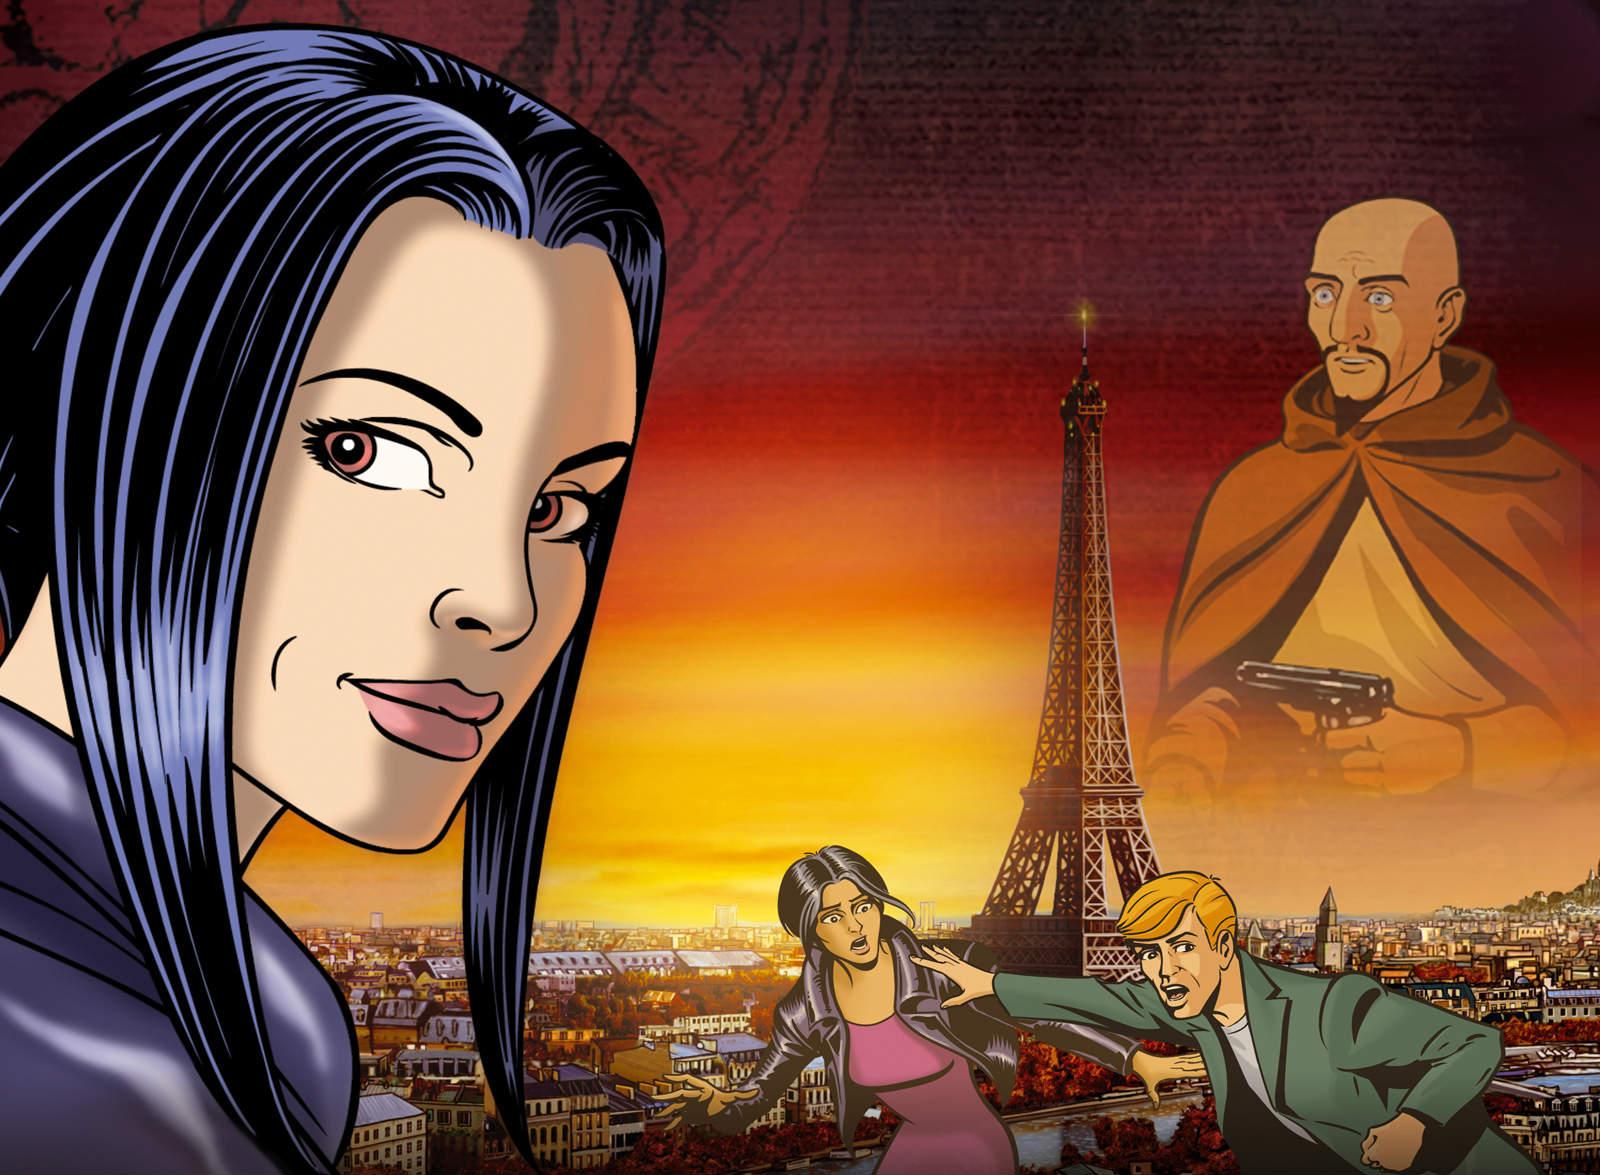 1001 Videojuegos que debes jugar: Broken Sword 6